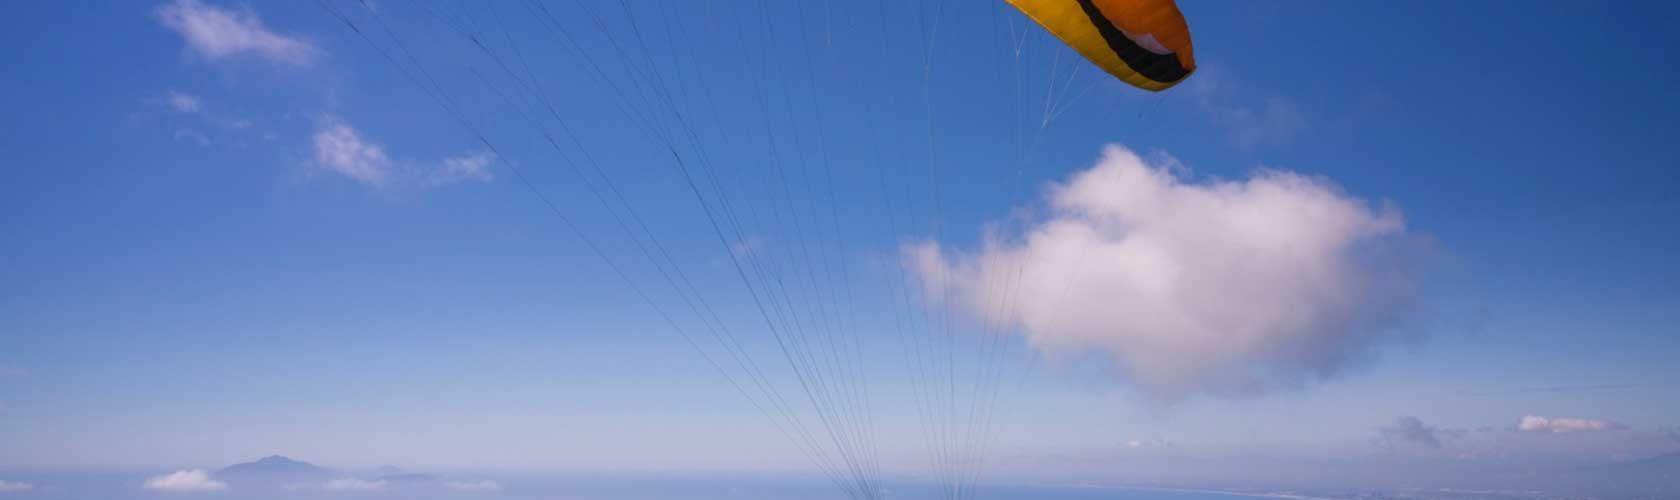 5 Travel Activities for Adventure-Seekers